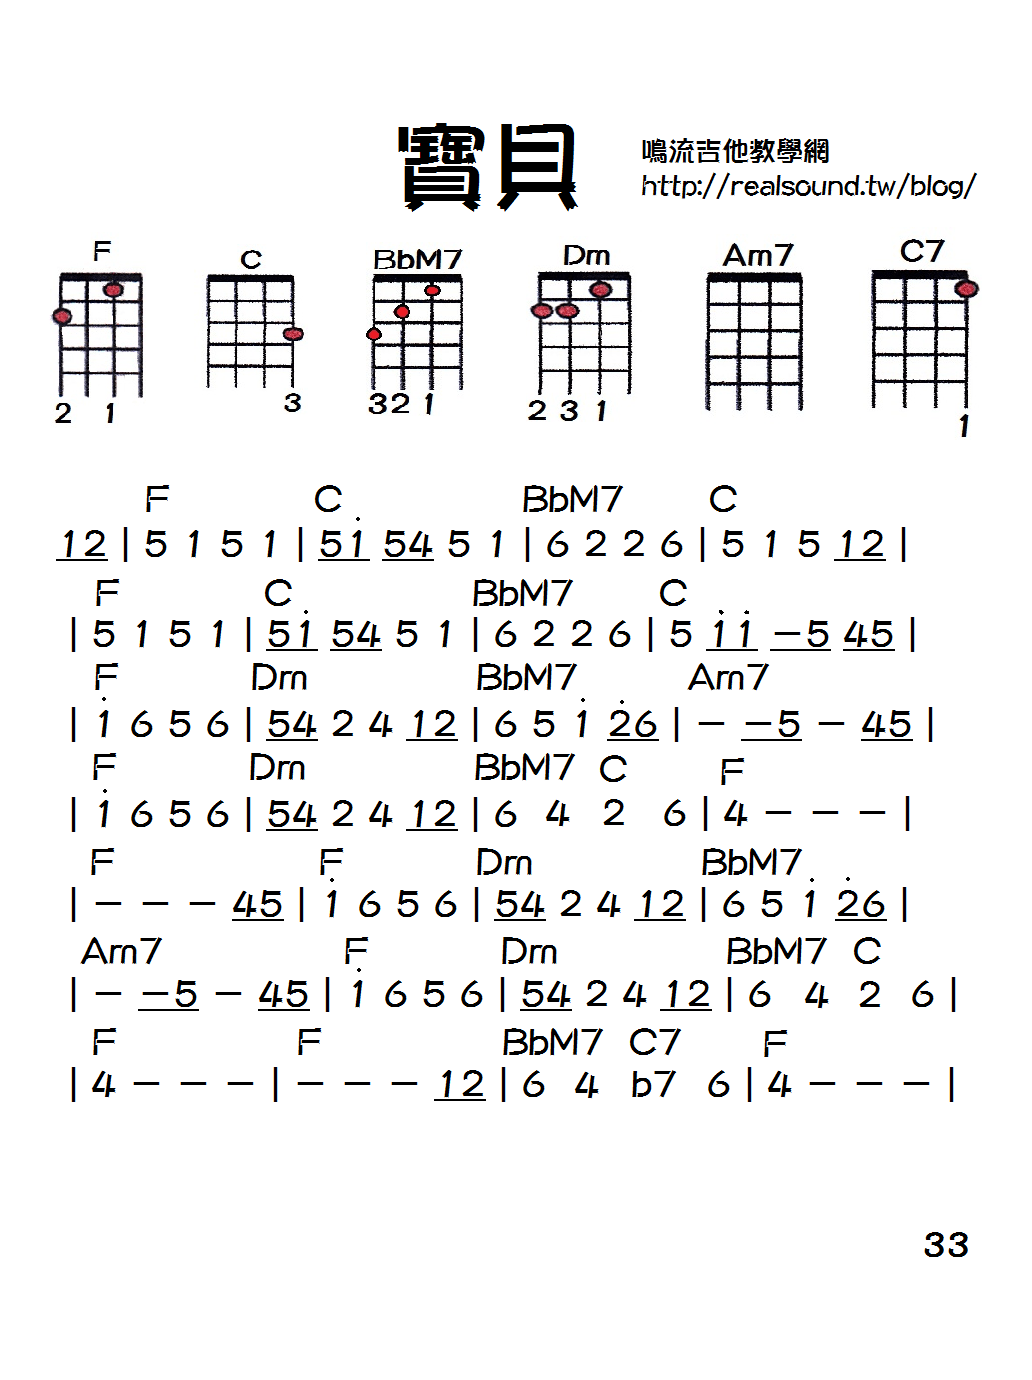 寶貝吉他譜指法 - 寶貝吉他譜指法  - 快熱資訊 - 走進時代